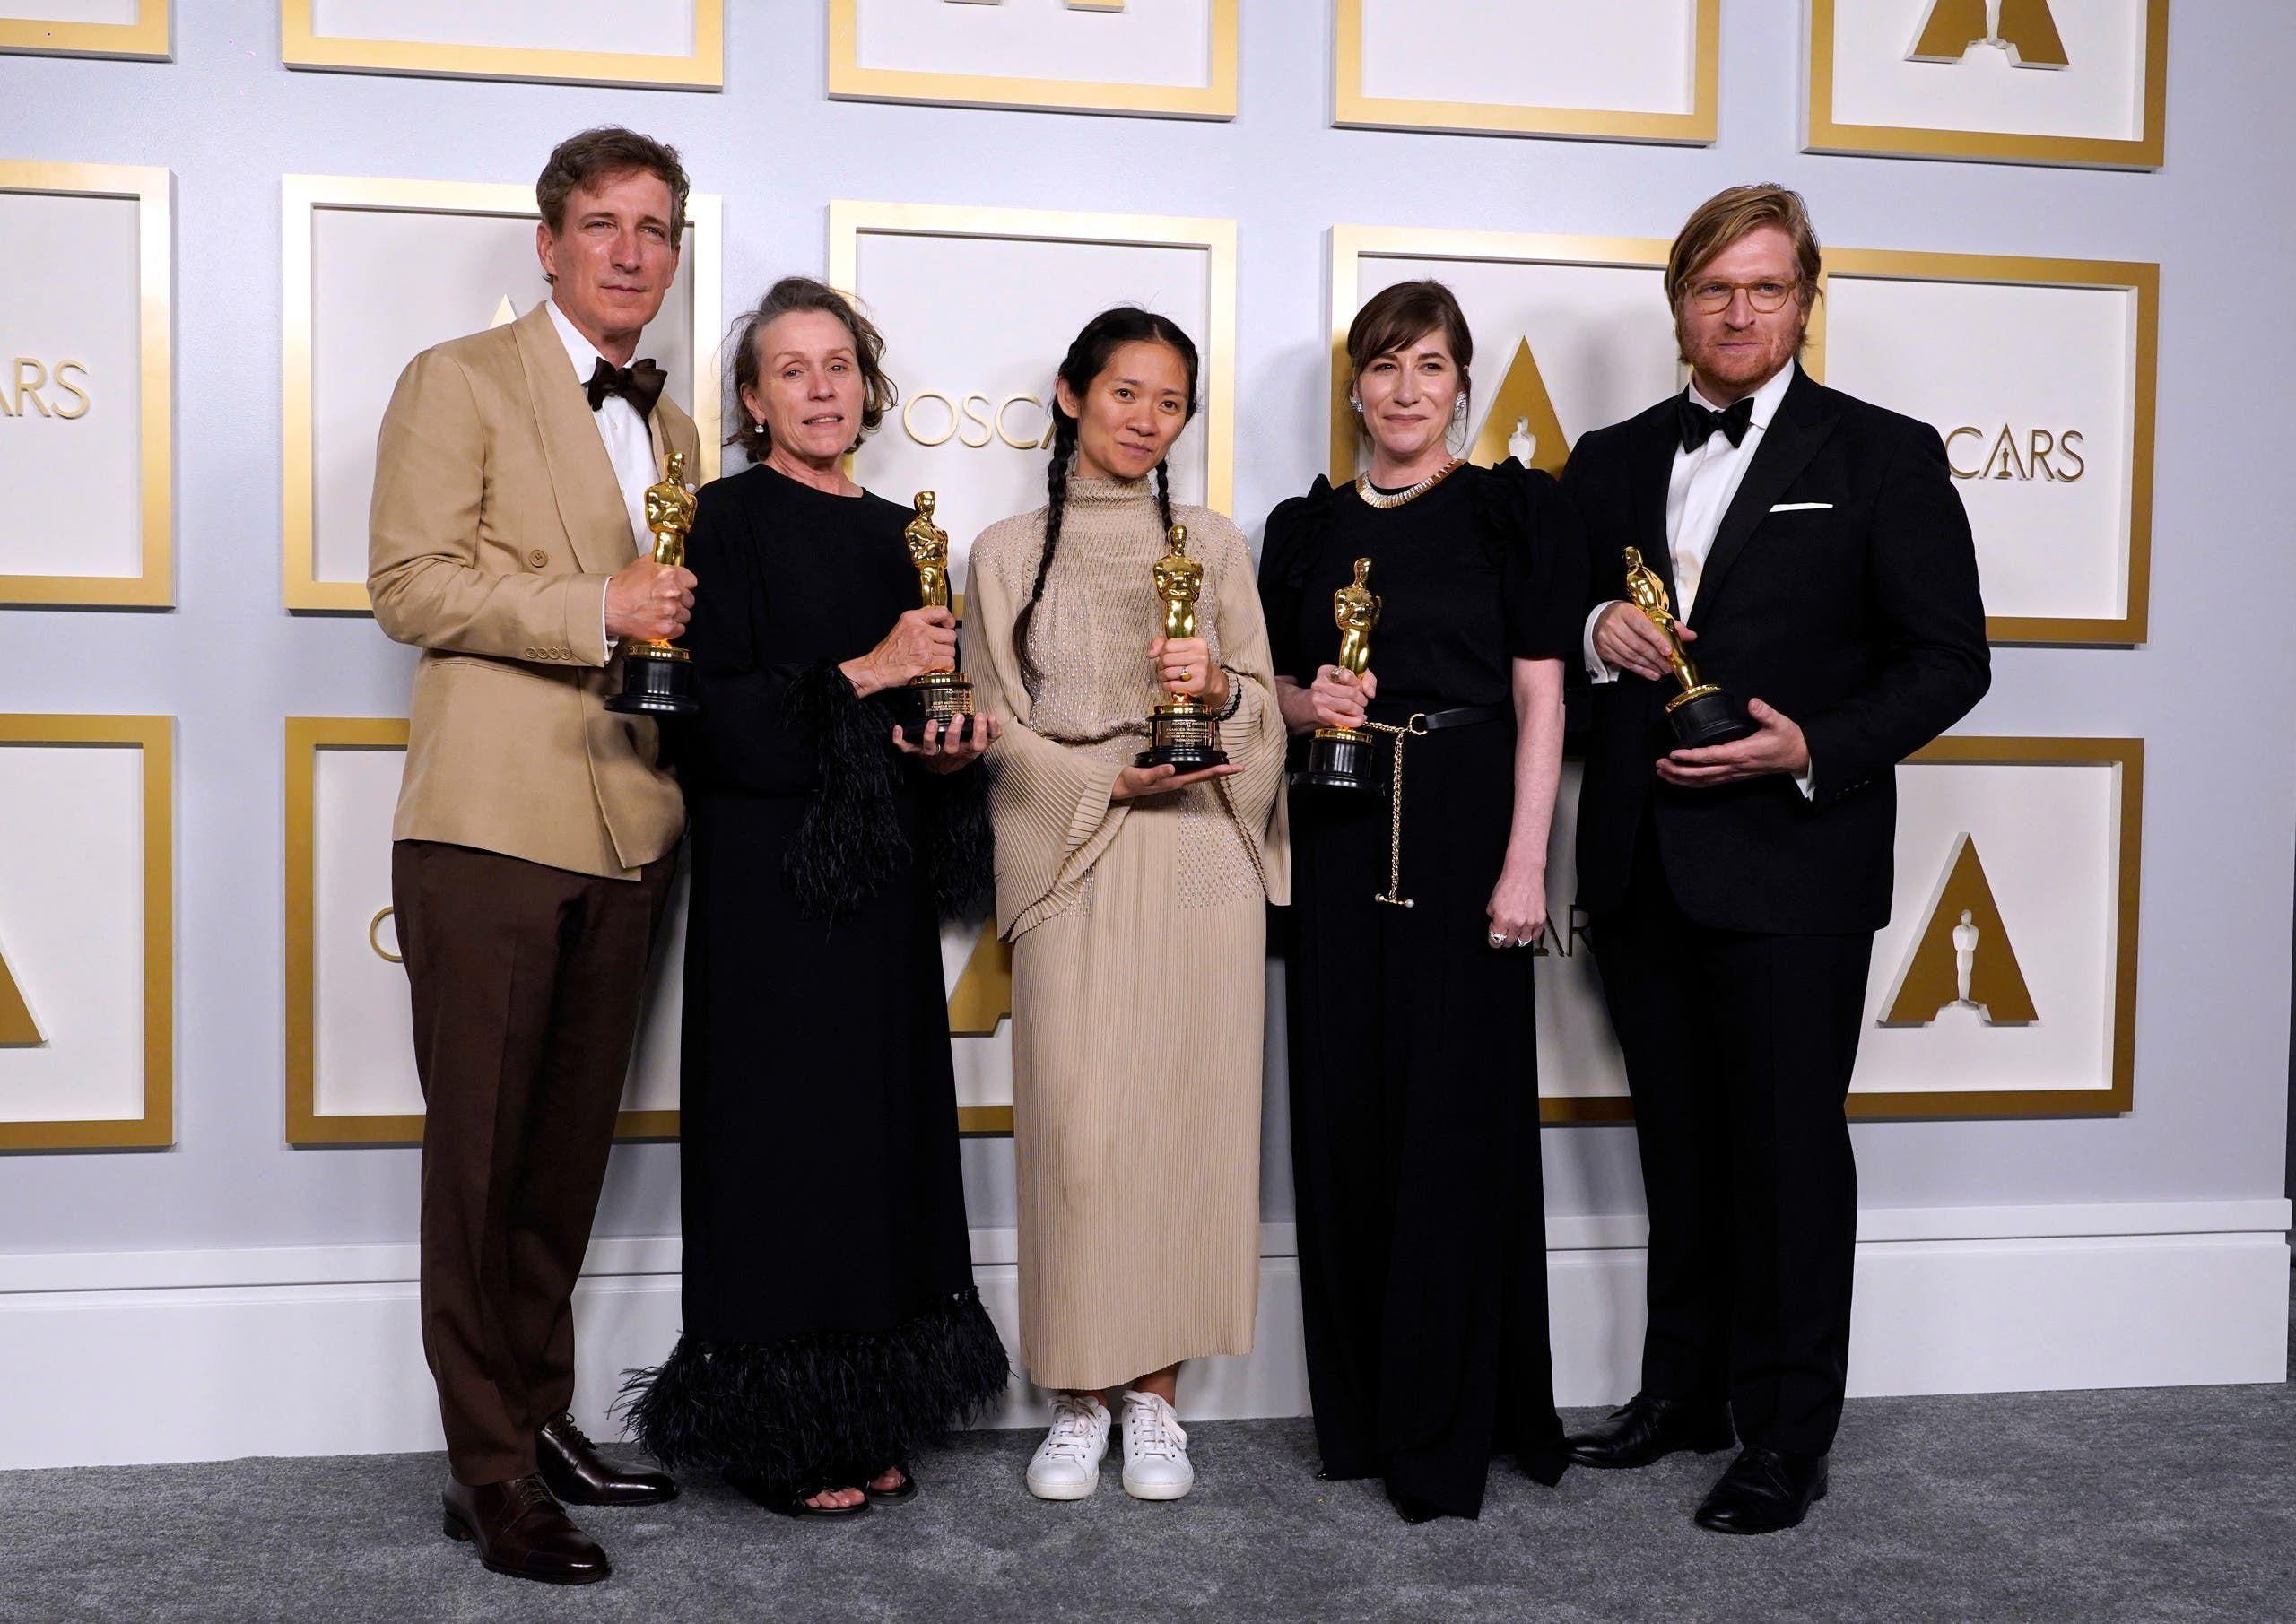 من اليسار.. المنتجون بيتر سبيرز ، فرانسيس مكدورماند ، كلوي تشاو ، مولي آشر ودان جانفي ، في حفل توزيع جوائز الأوسكار في لوس أنجلوس